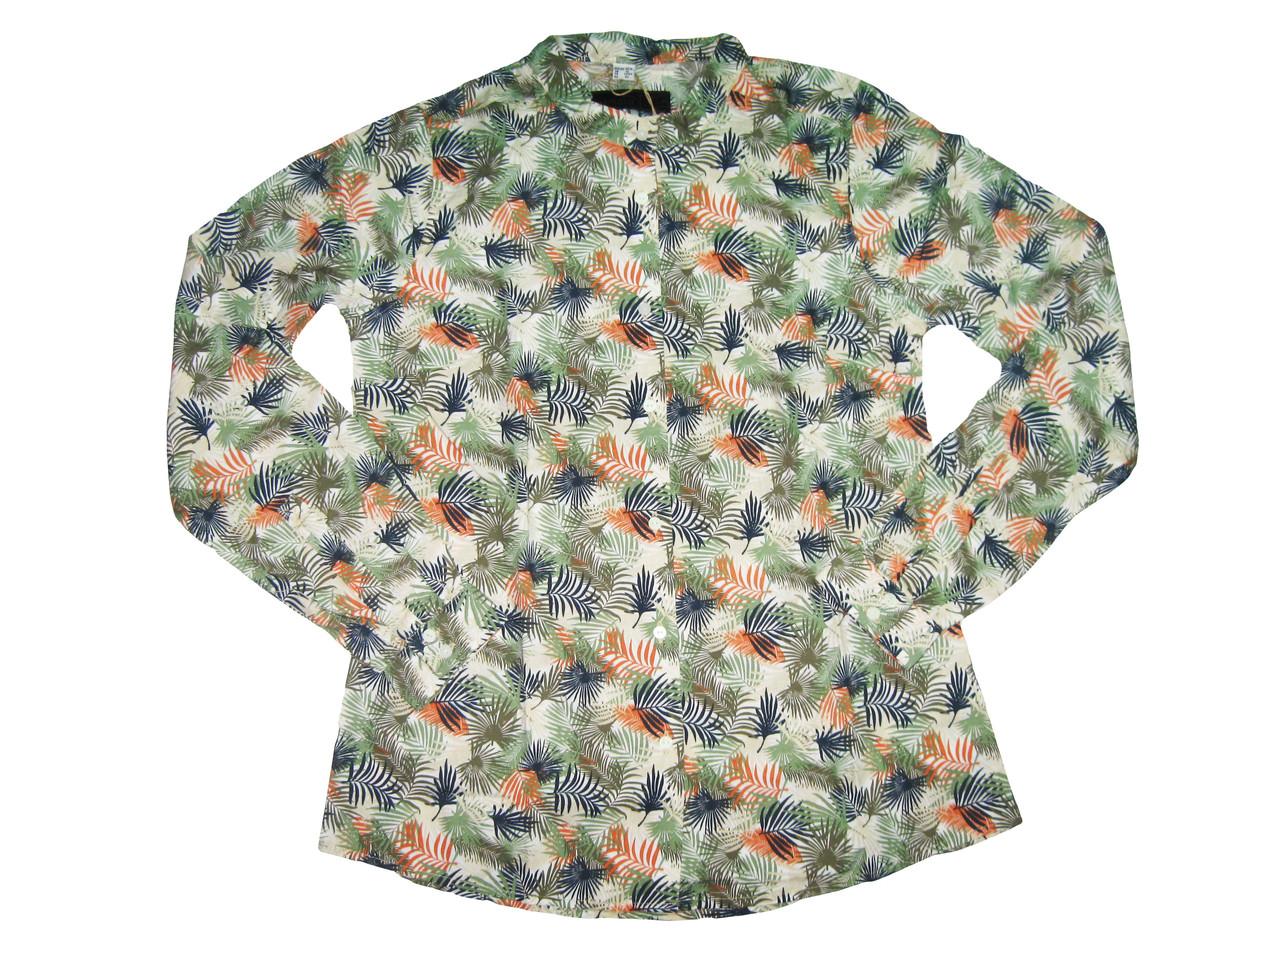 Рубашка женская, ESMARA, размеры  40р, арт. Ж-048